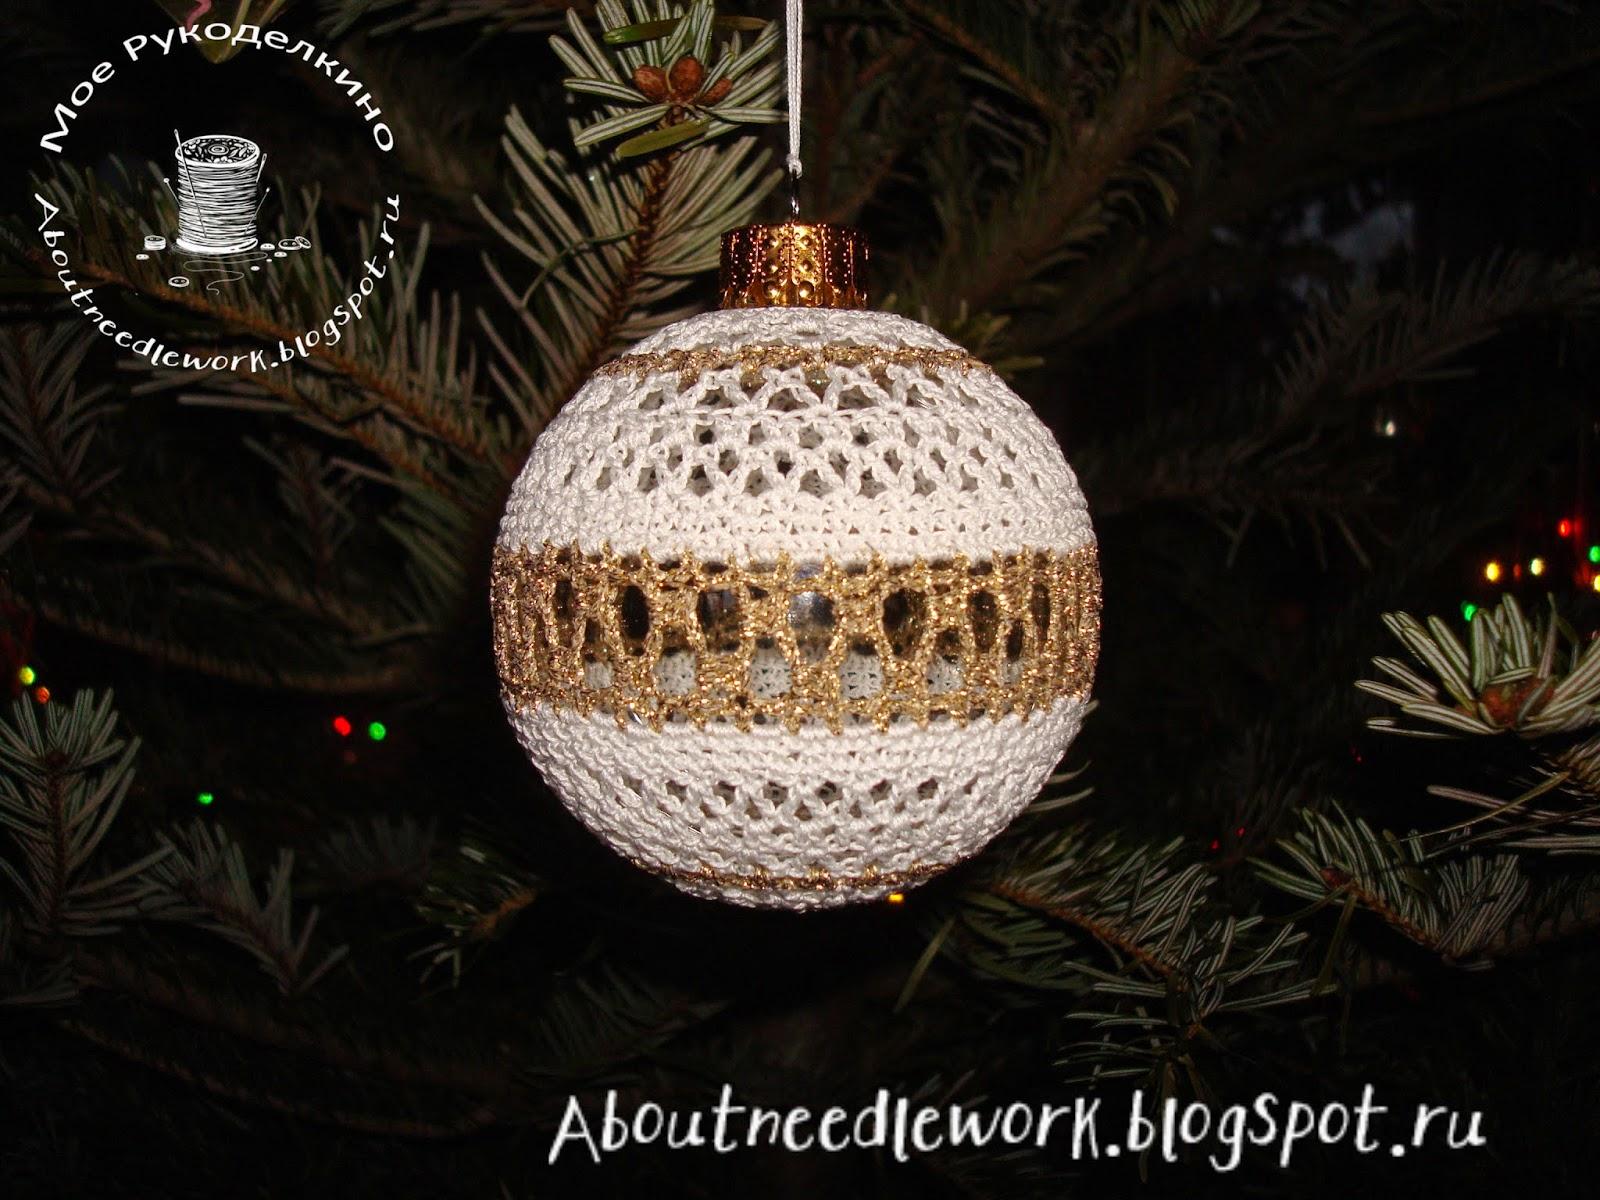 Как обвязать крючком новогодний елочный шар